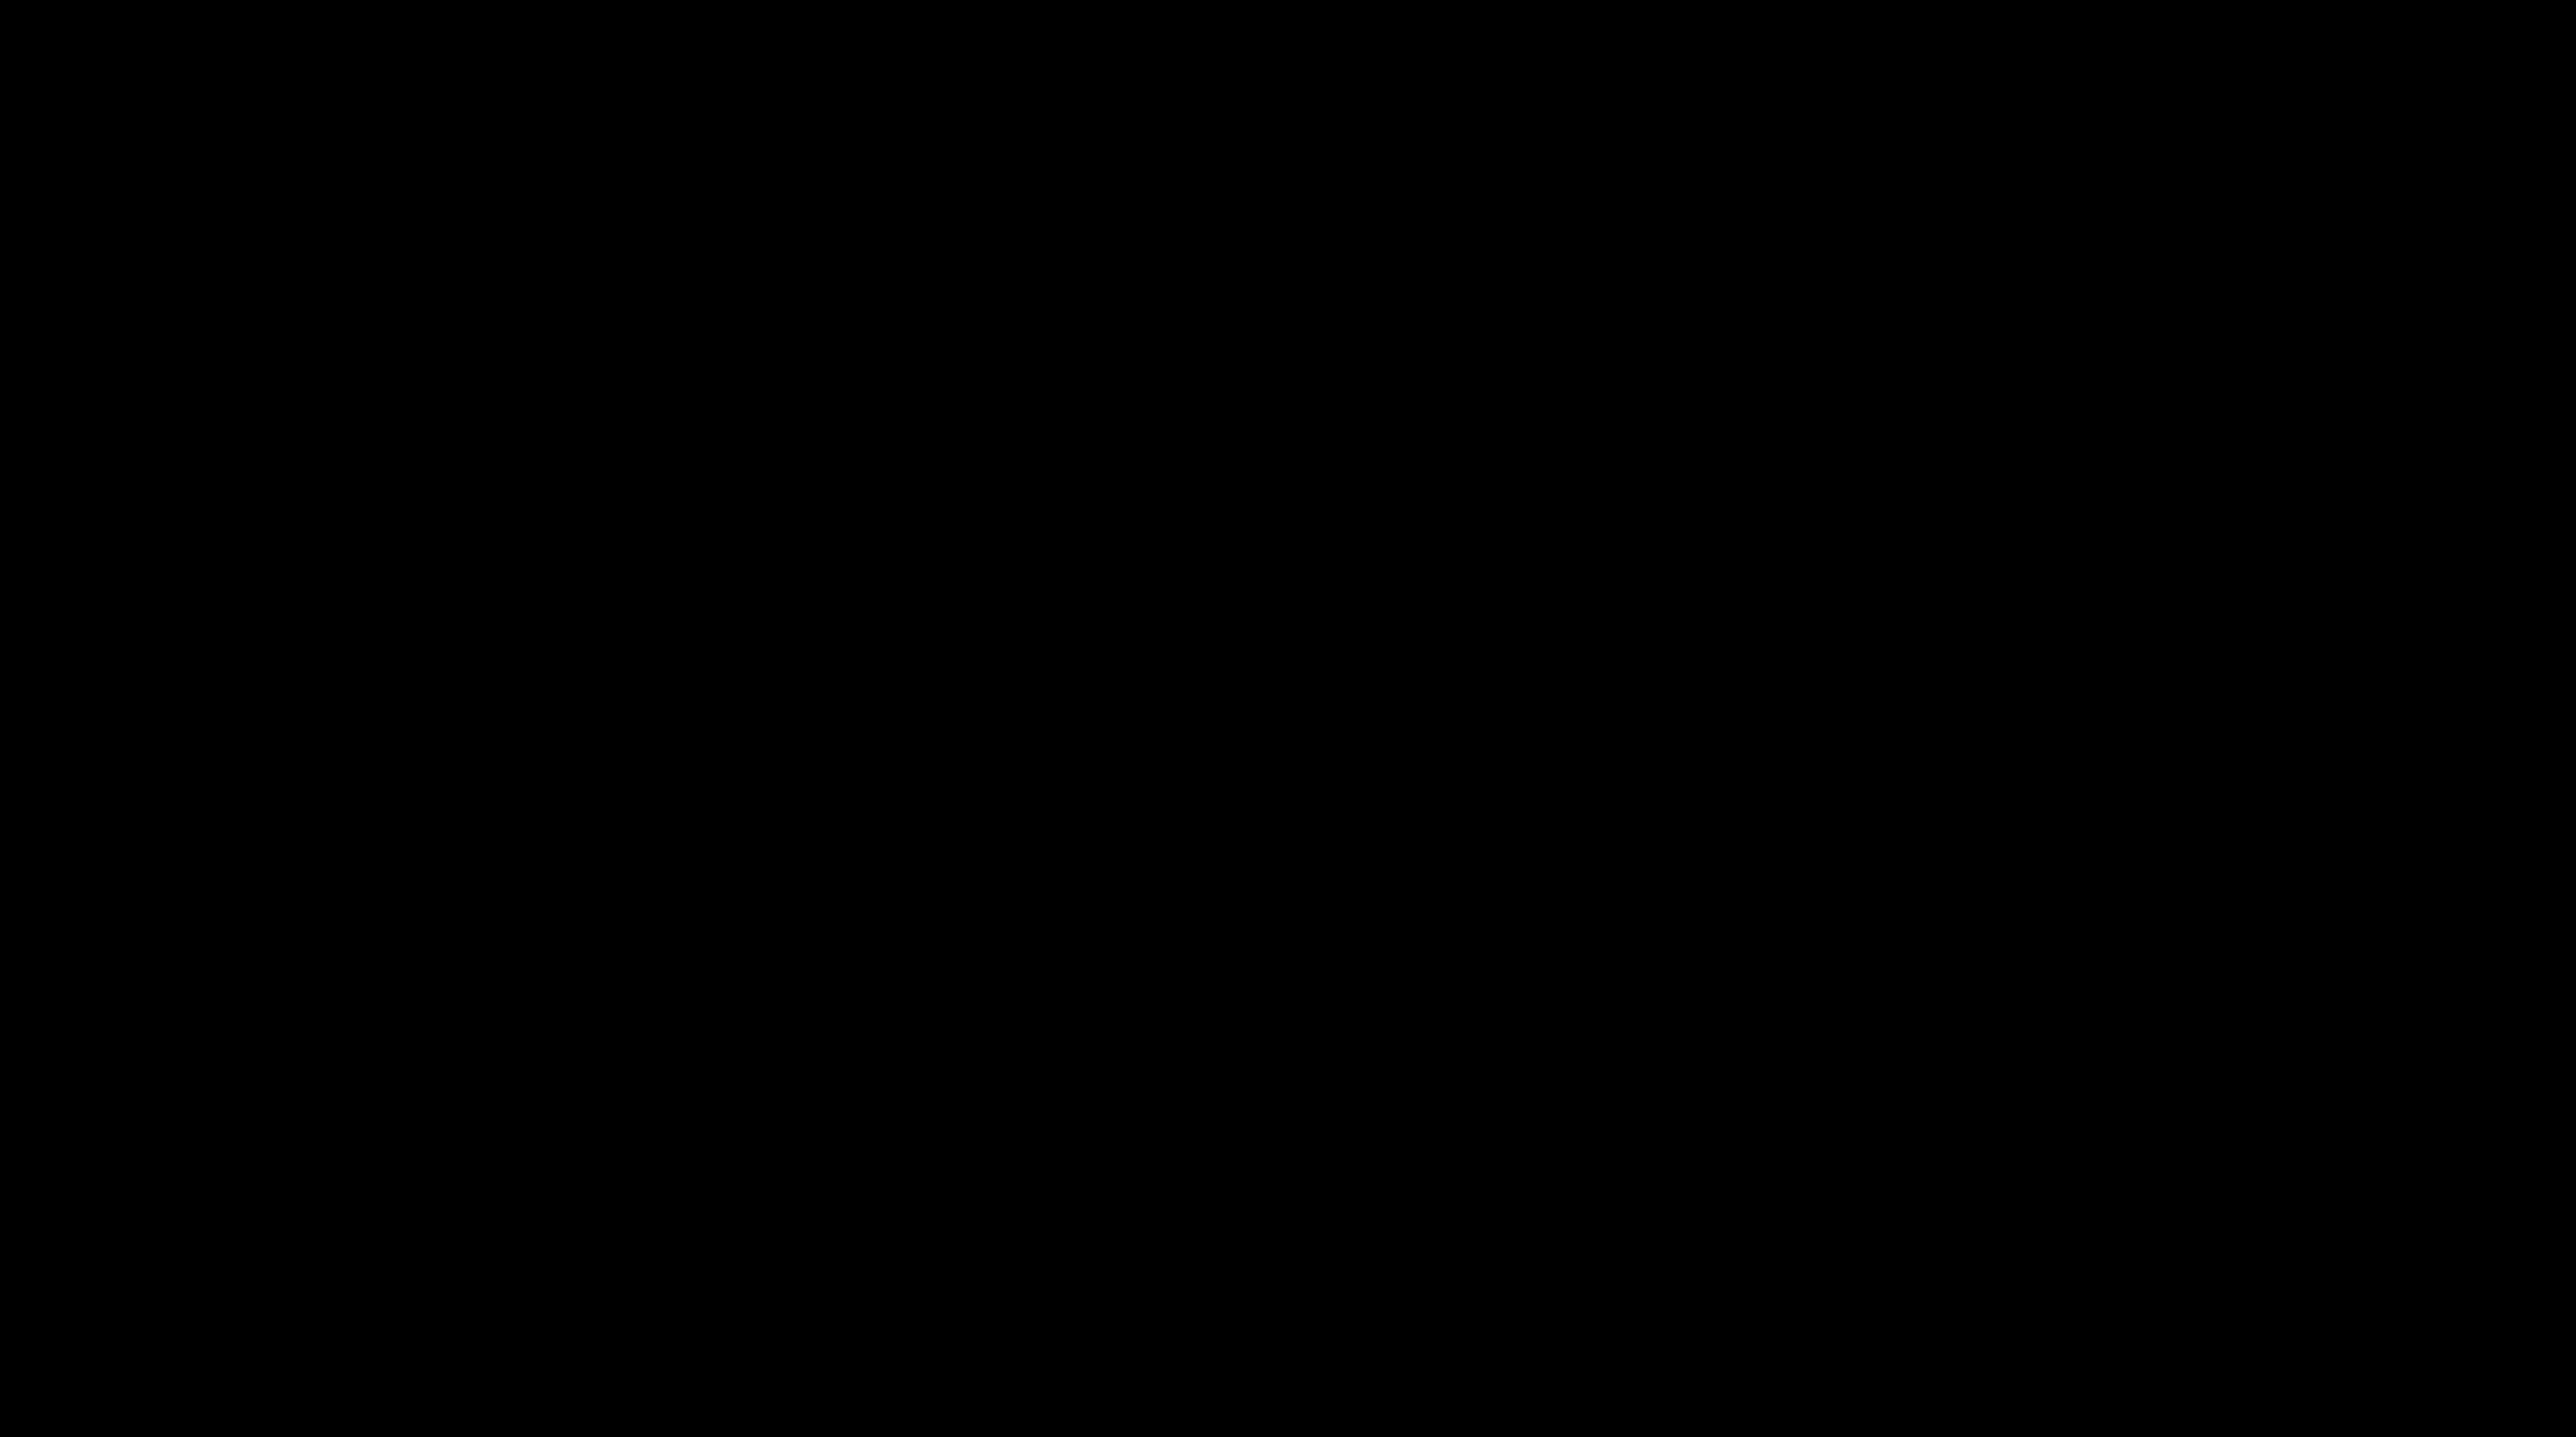 FabFTDI_Schematic.png